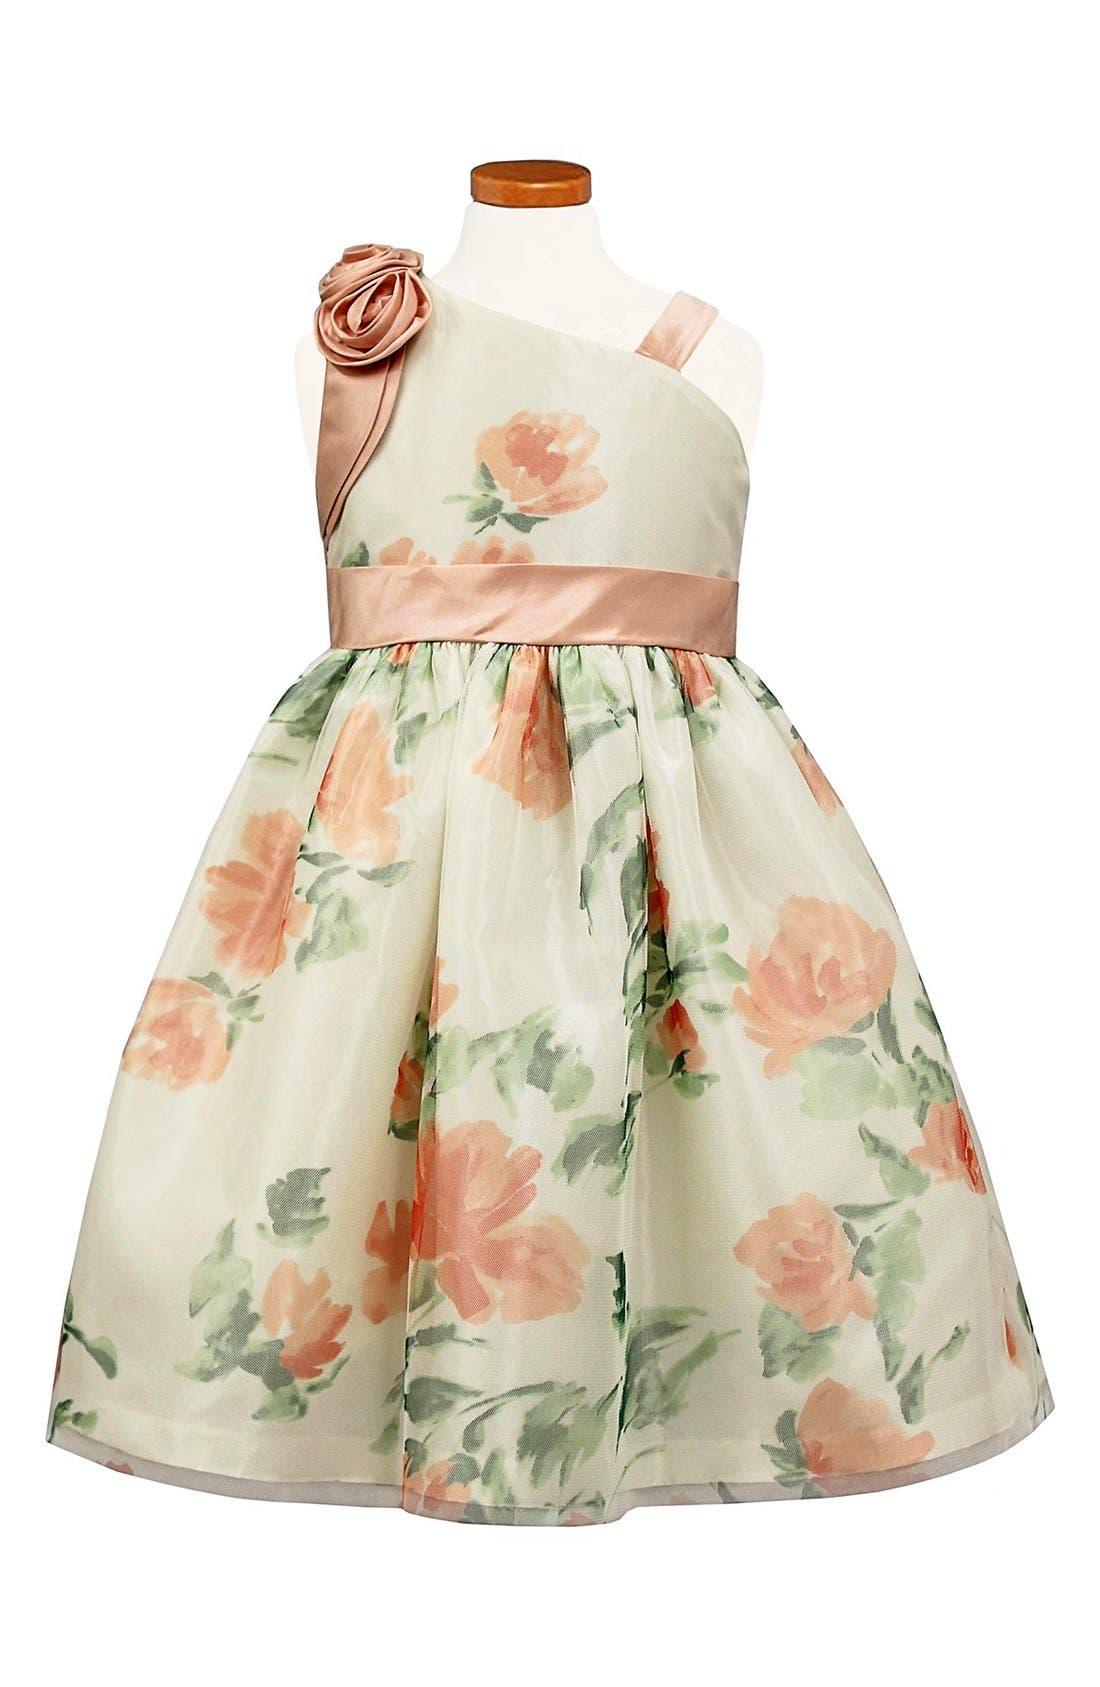 SORBET Floral Mesh One-Shoulder Dress